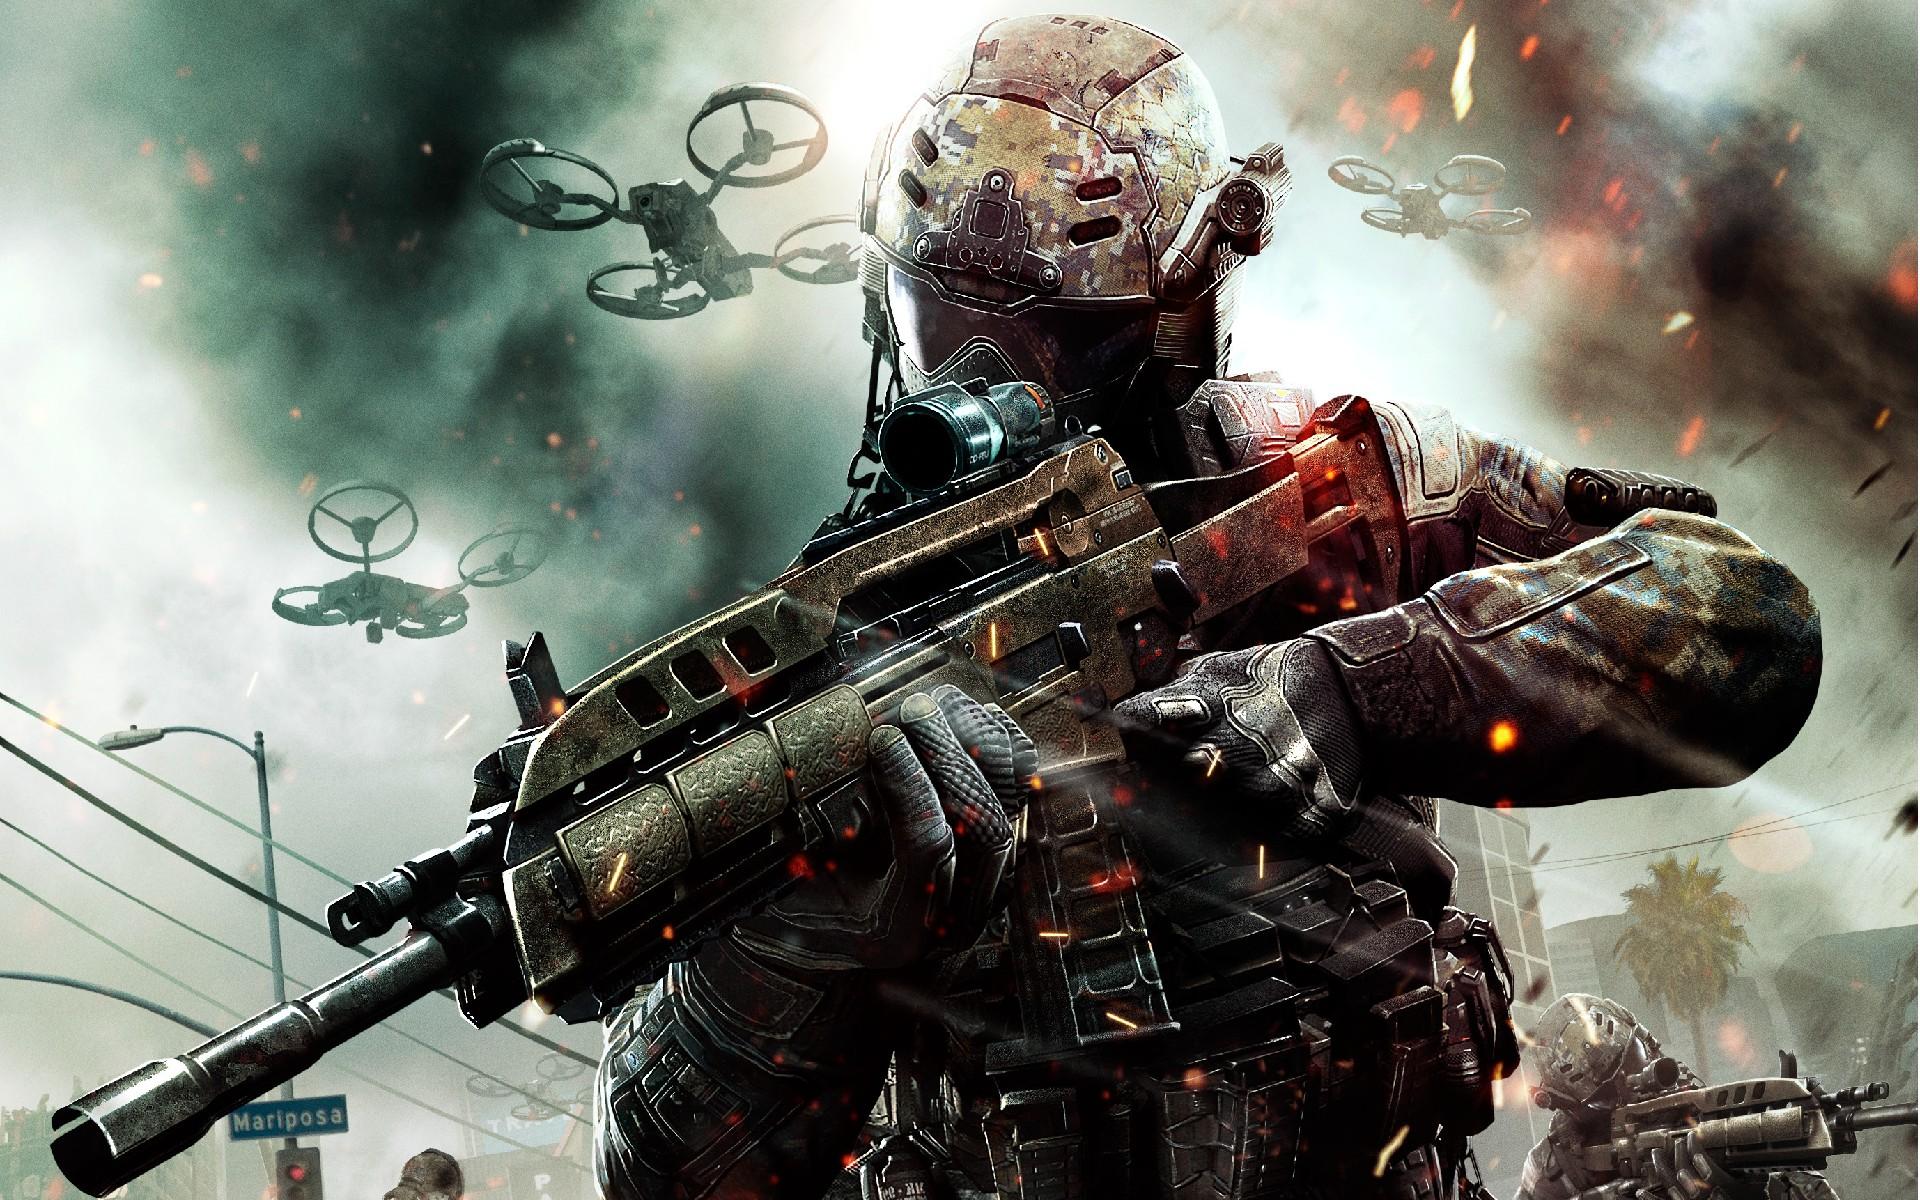 meg_az_e3_elott_bejelentik_a_call_of_duty_modern_warfare_4et_1.jpg